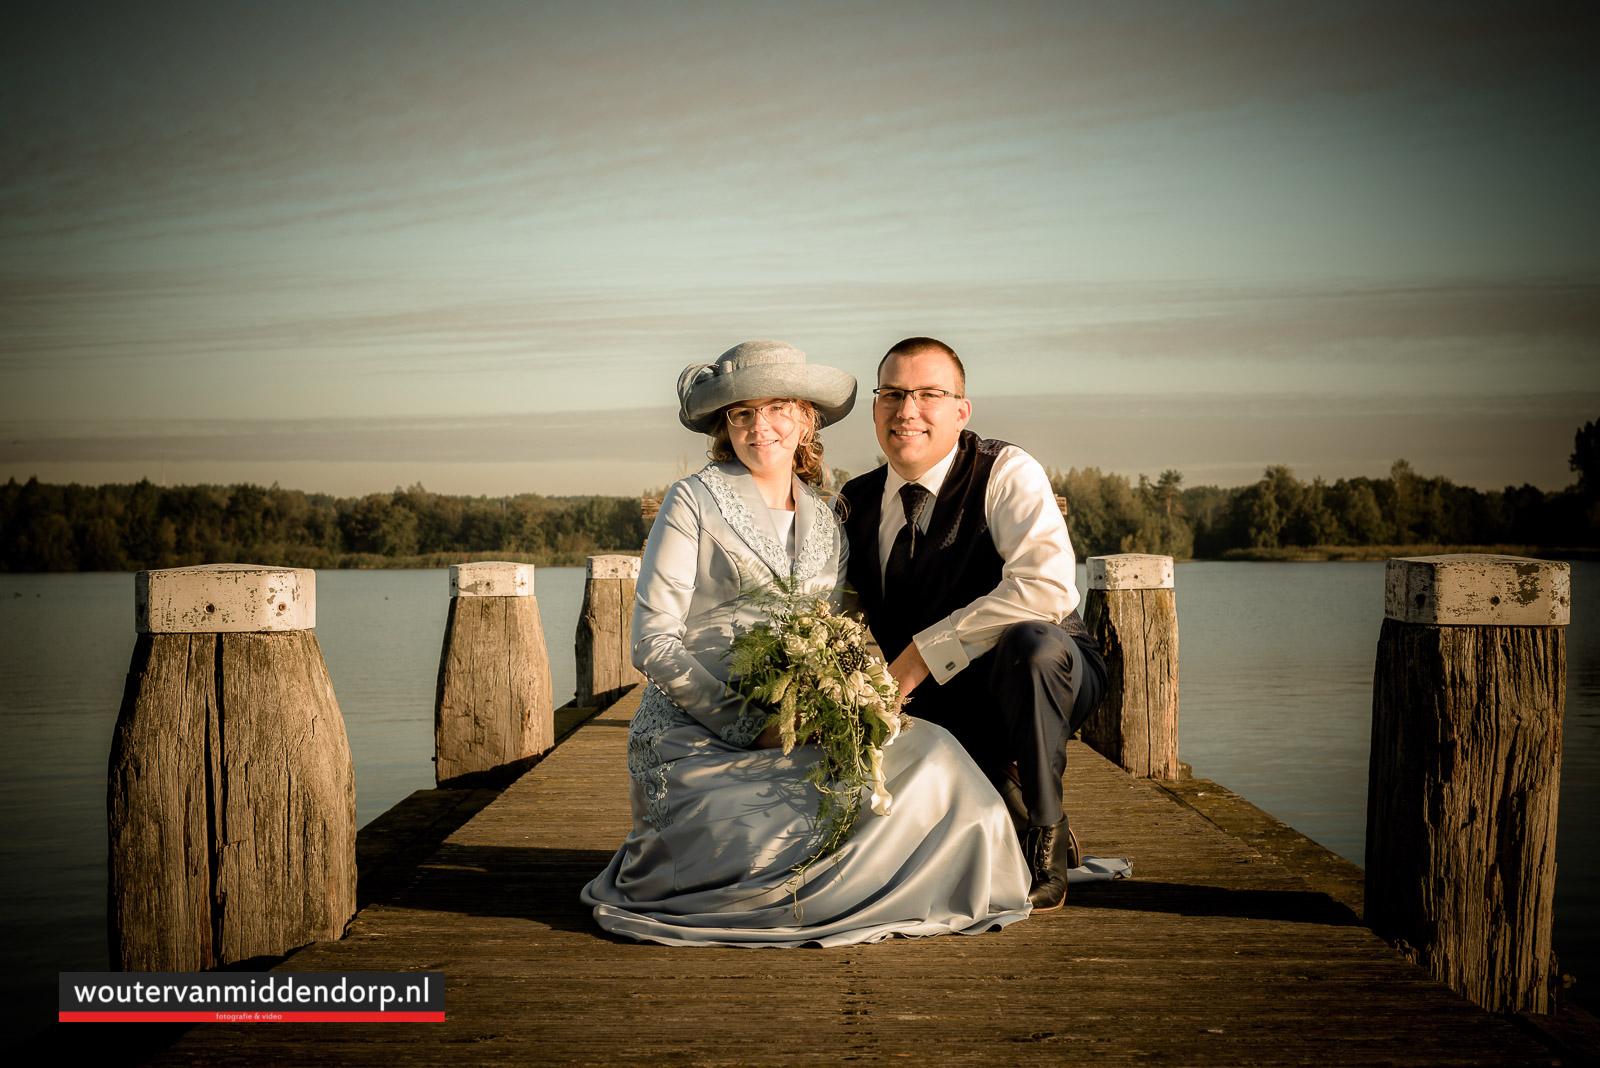 bruidsfotografie Wouter van Middendorp Uddel, Putten, -27